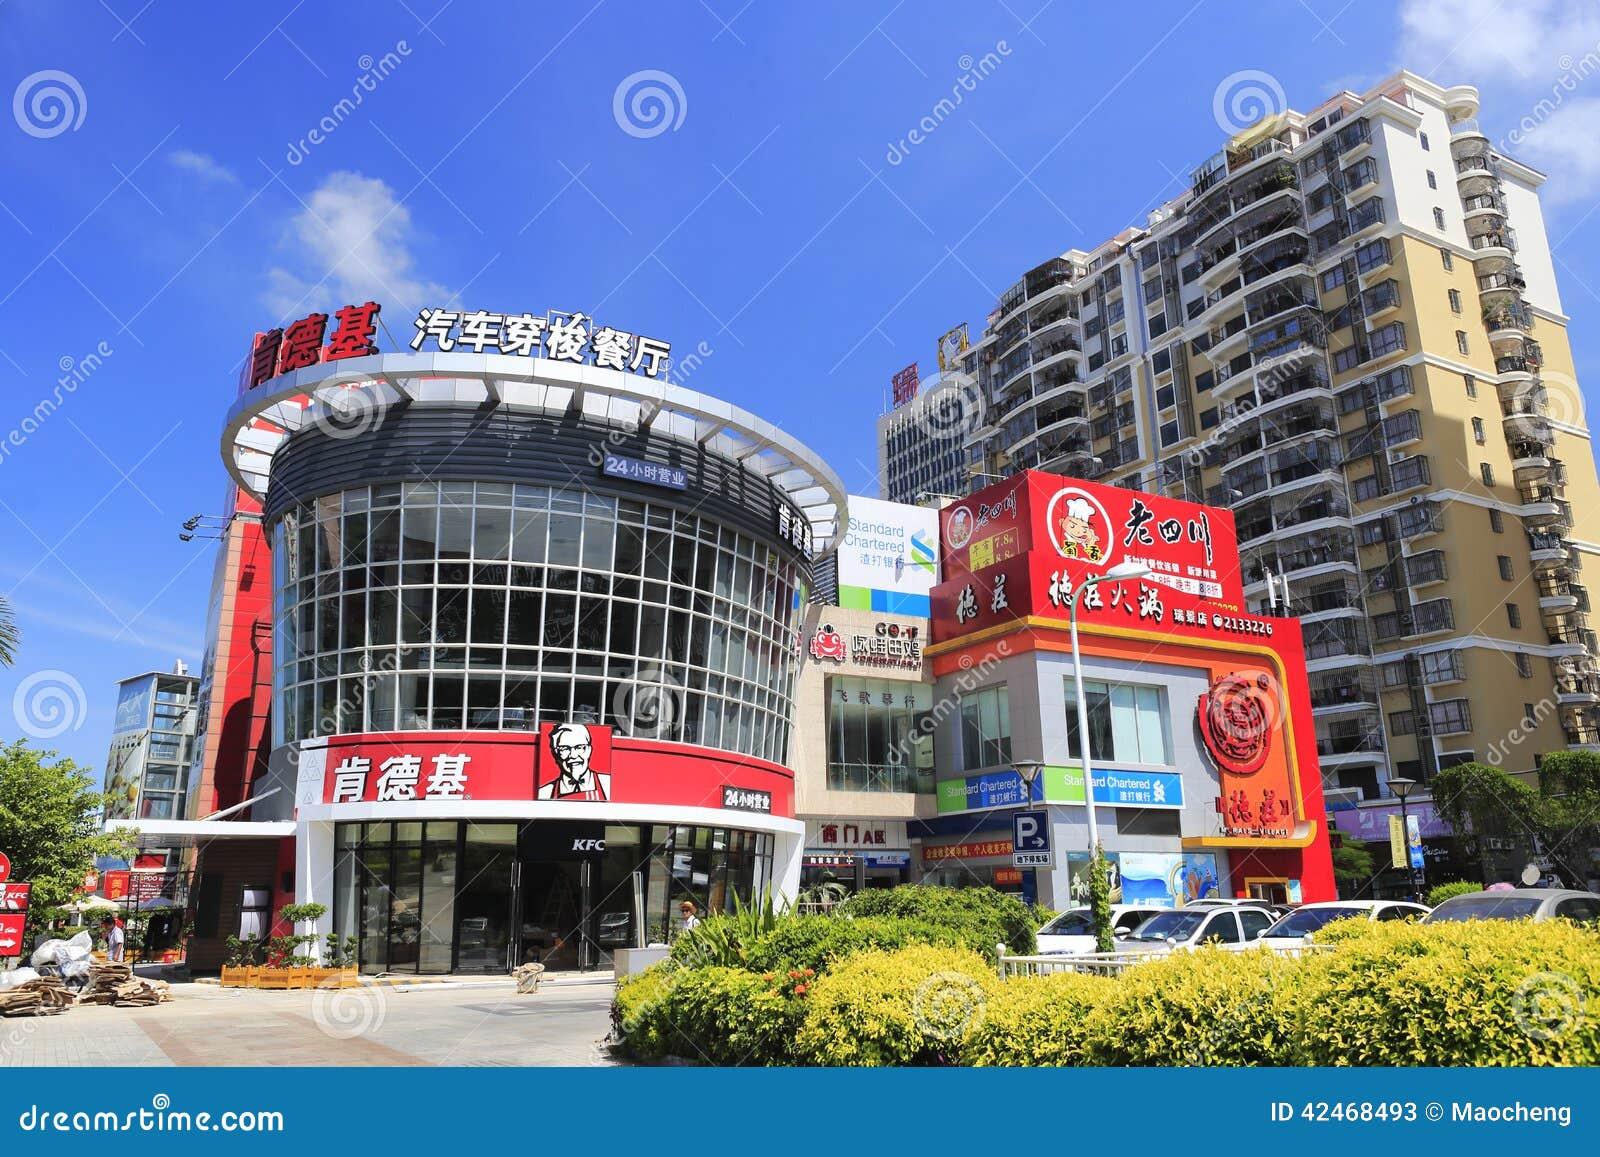 Kfc-Restaurant in der Dekoration